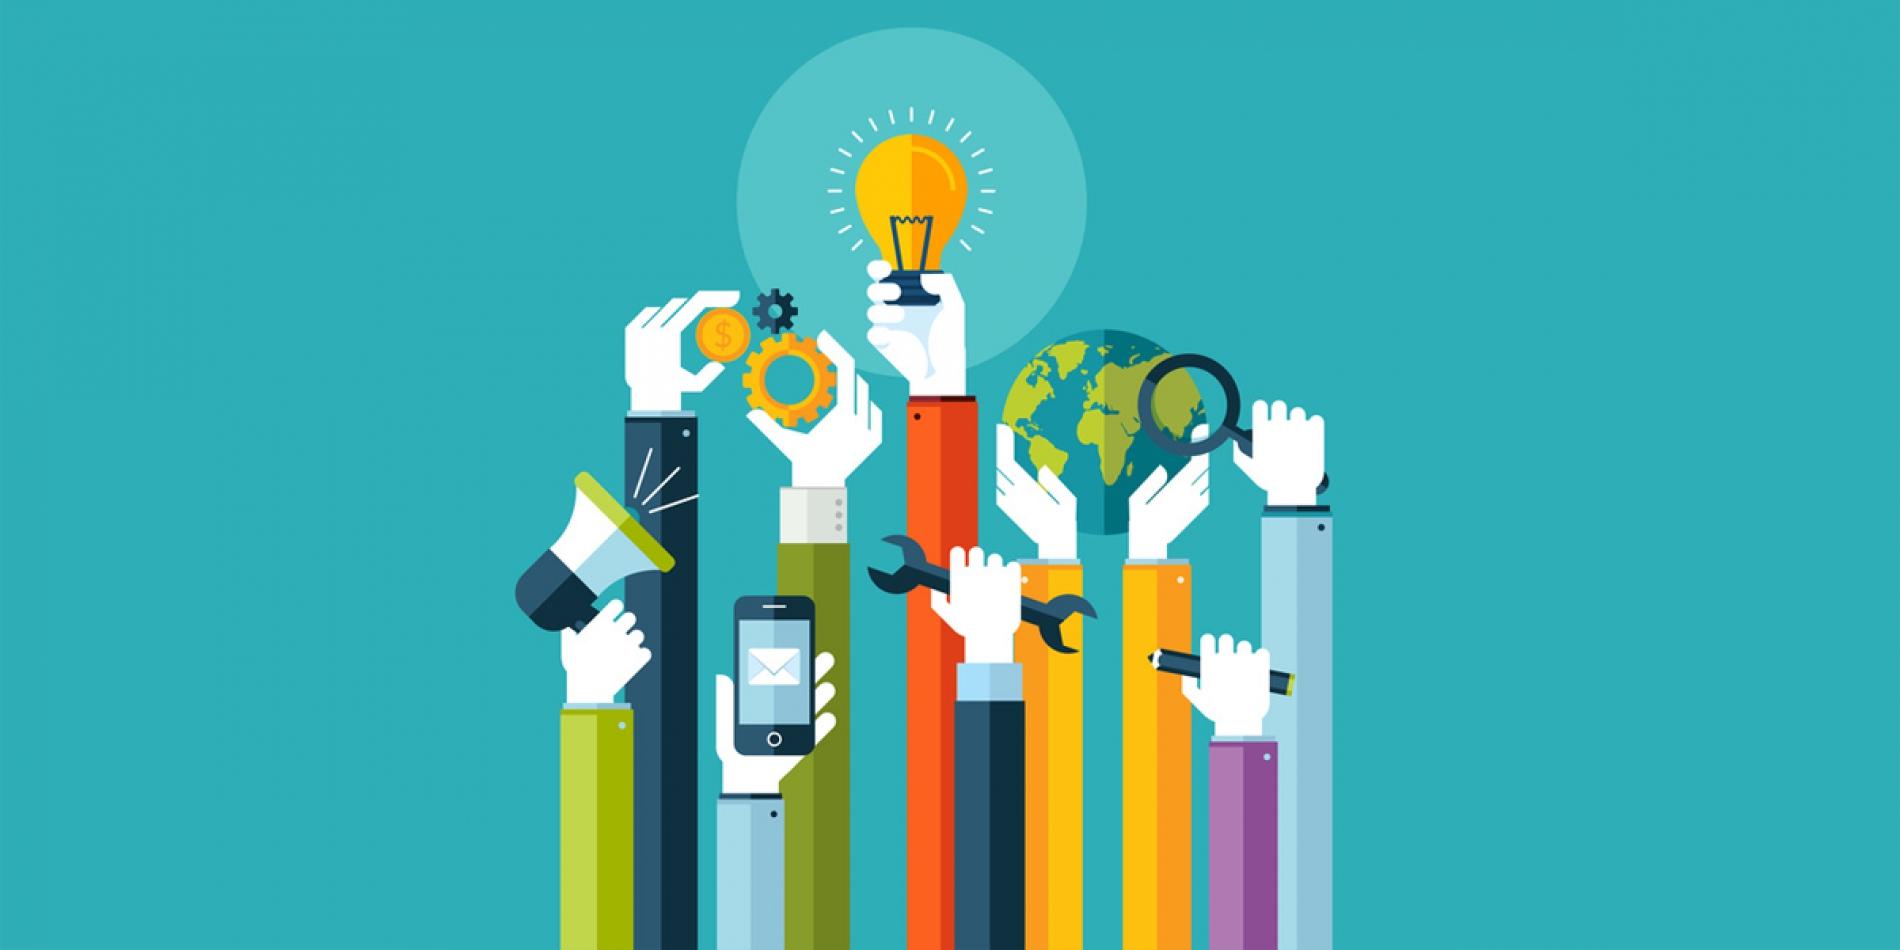 Desafios e impactos da inovação social no Brasil